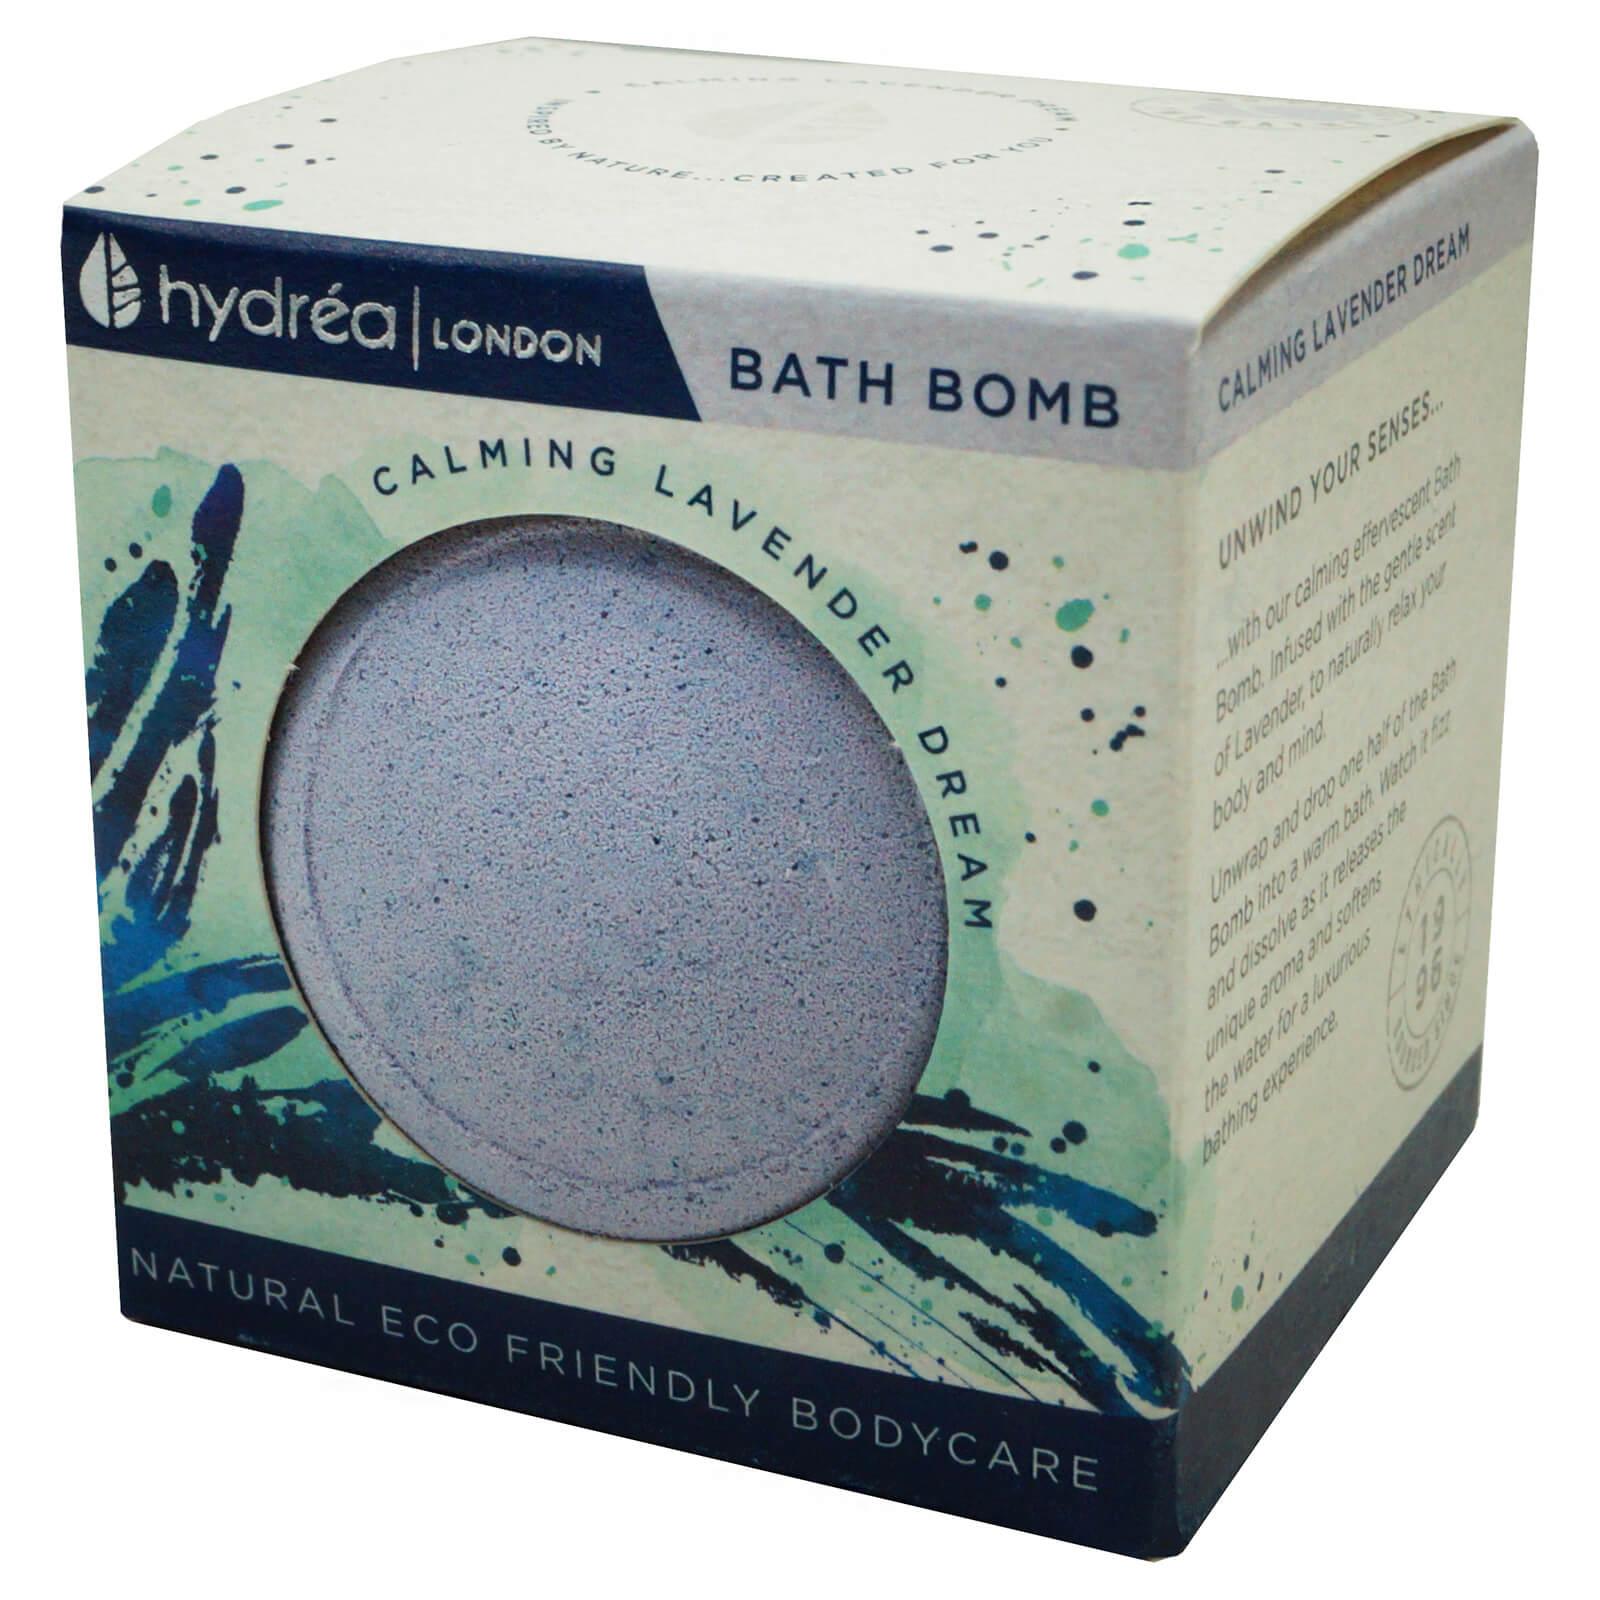 Bomba de baño de lavanda relajante eco-friendly de Hydréa